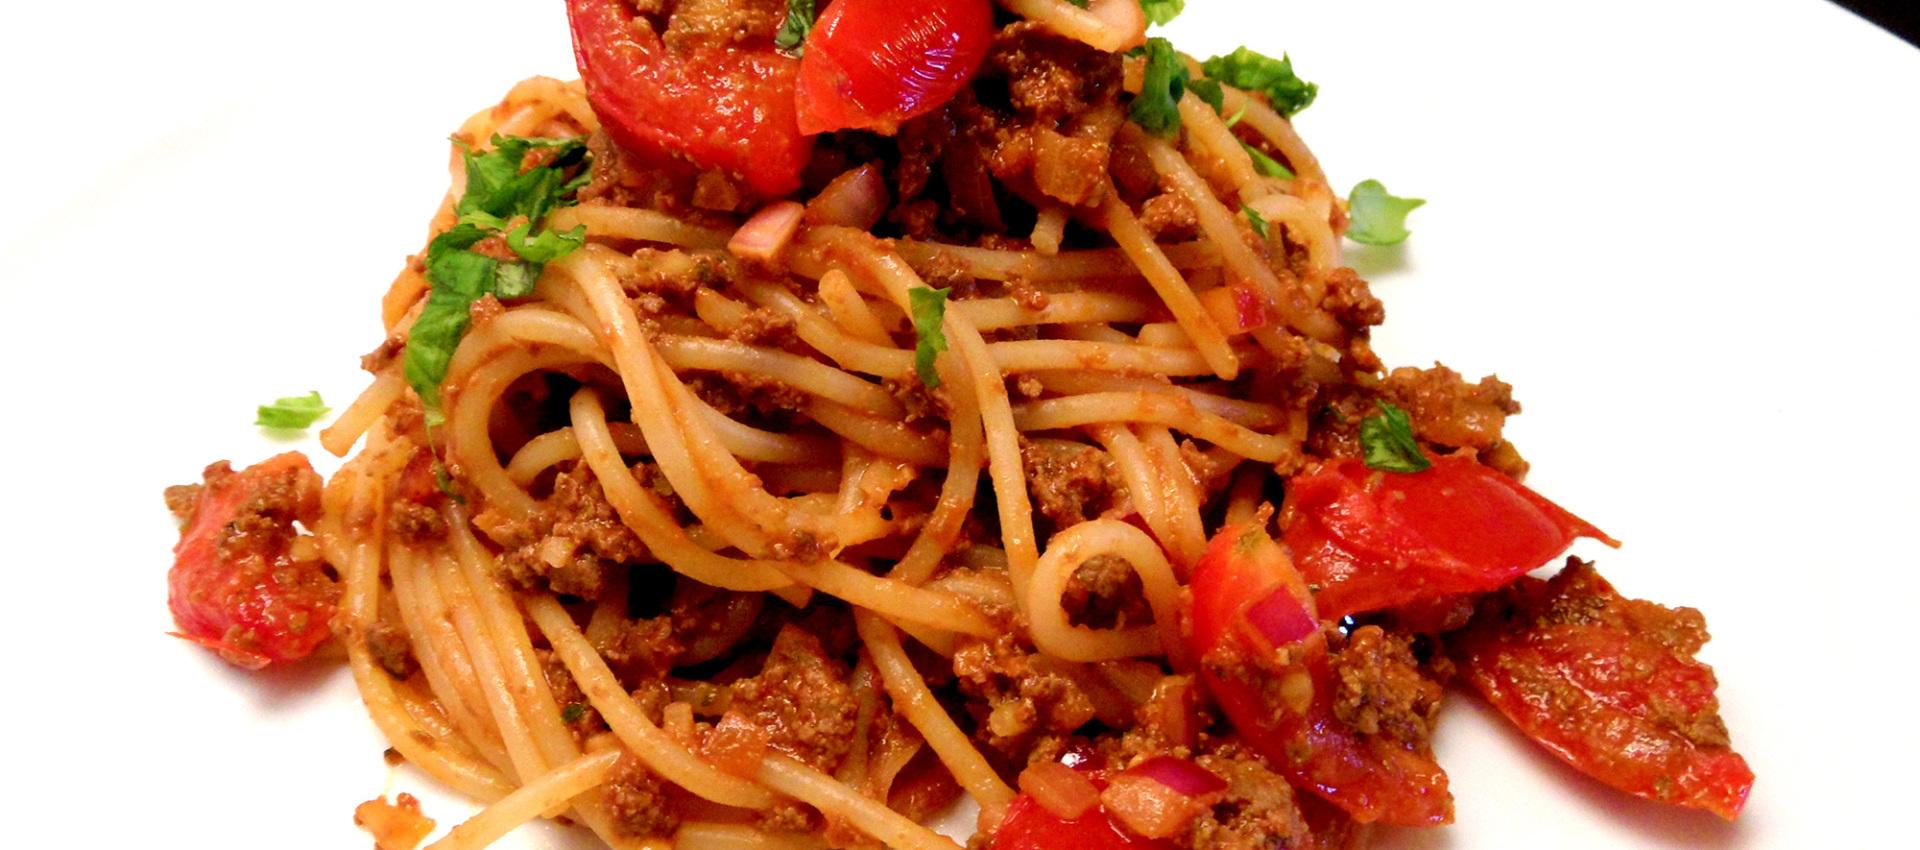 Rezept Spaghetti Bolognese mit Leber - kochbock.de